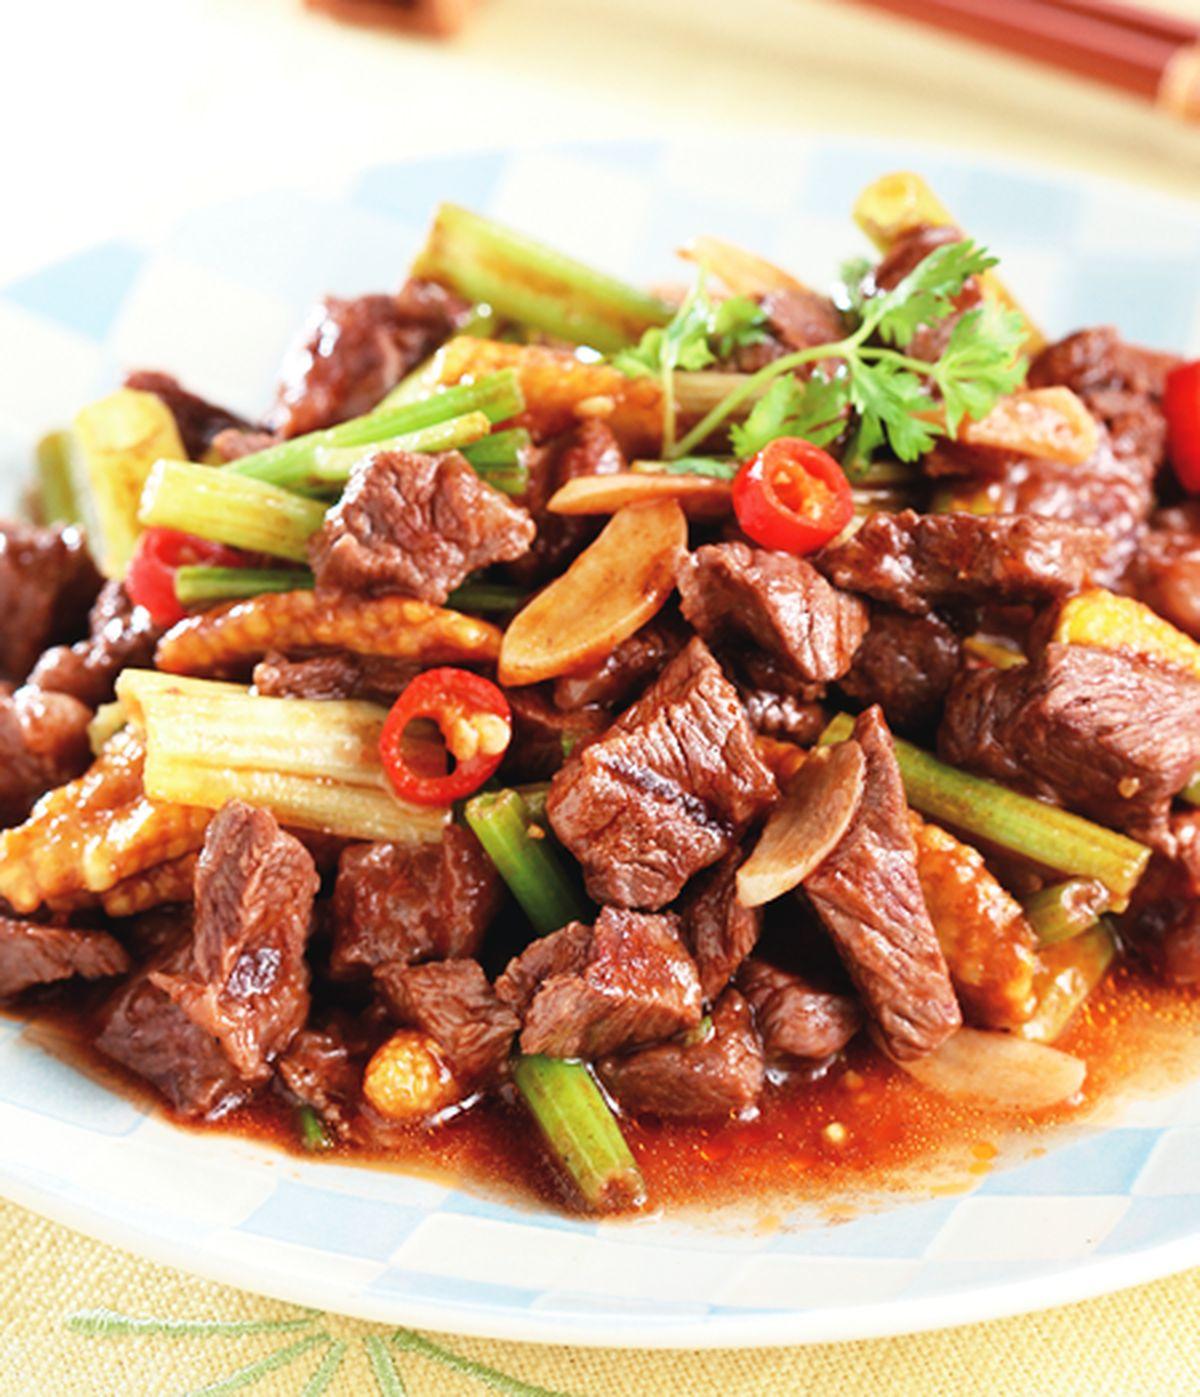 食譜:牛肉炒芹菜